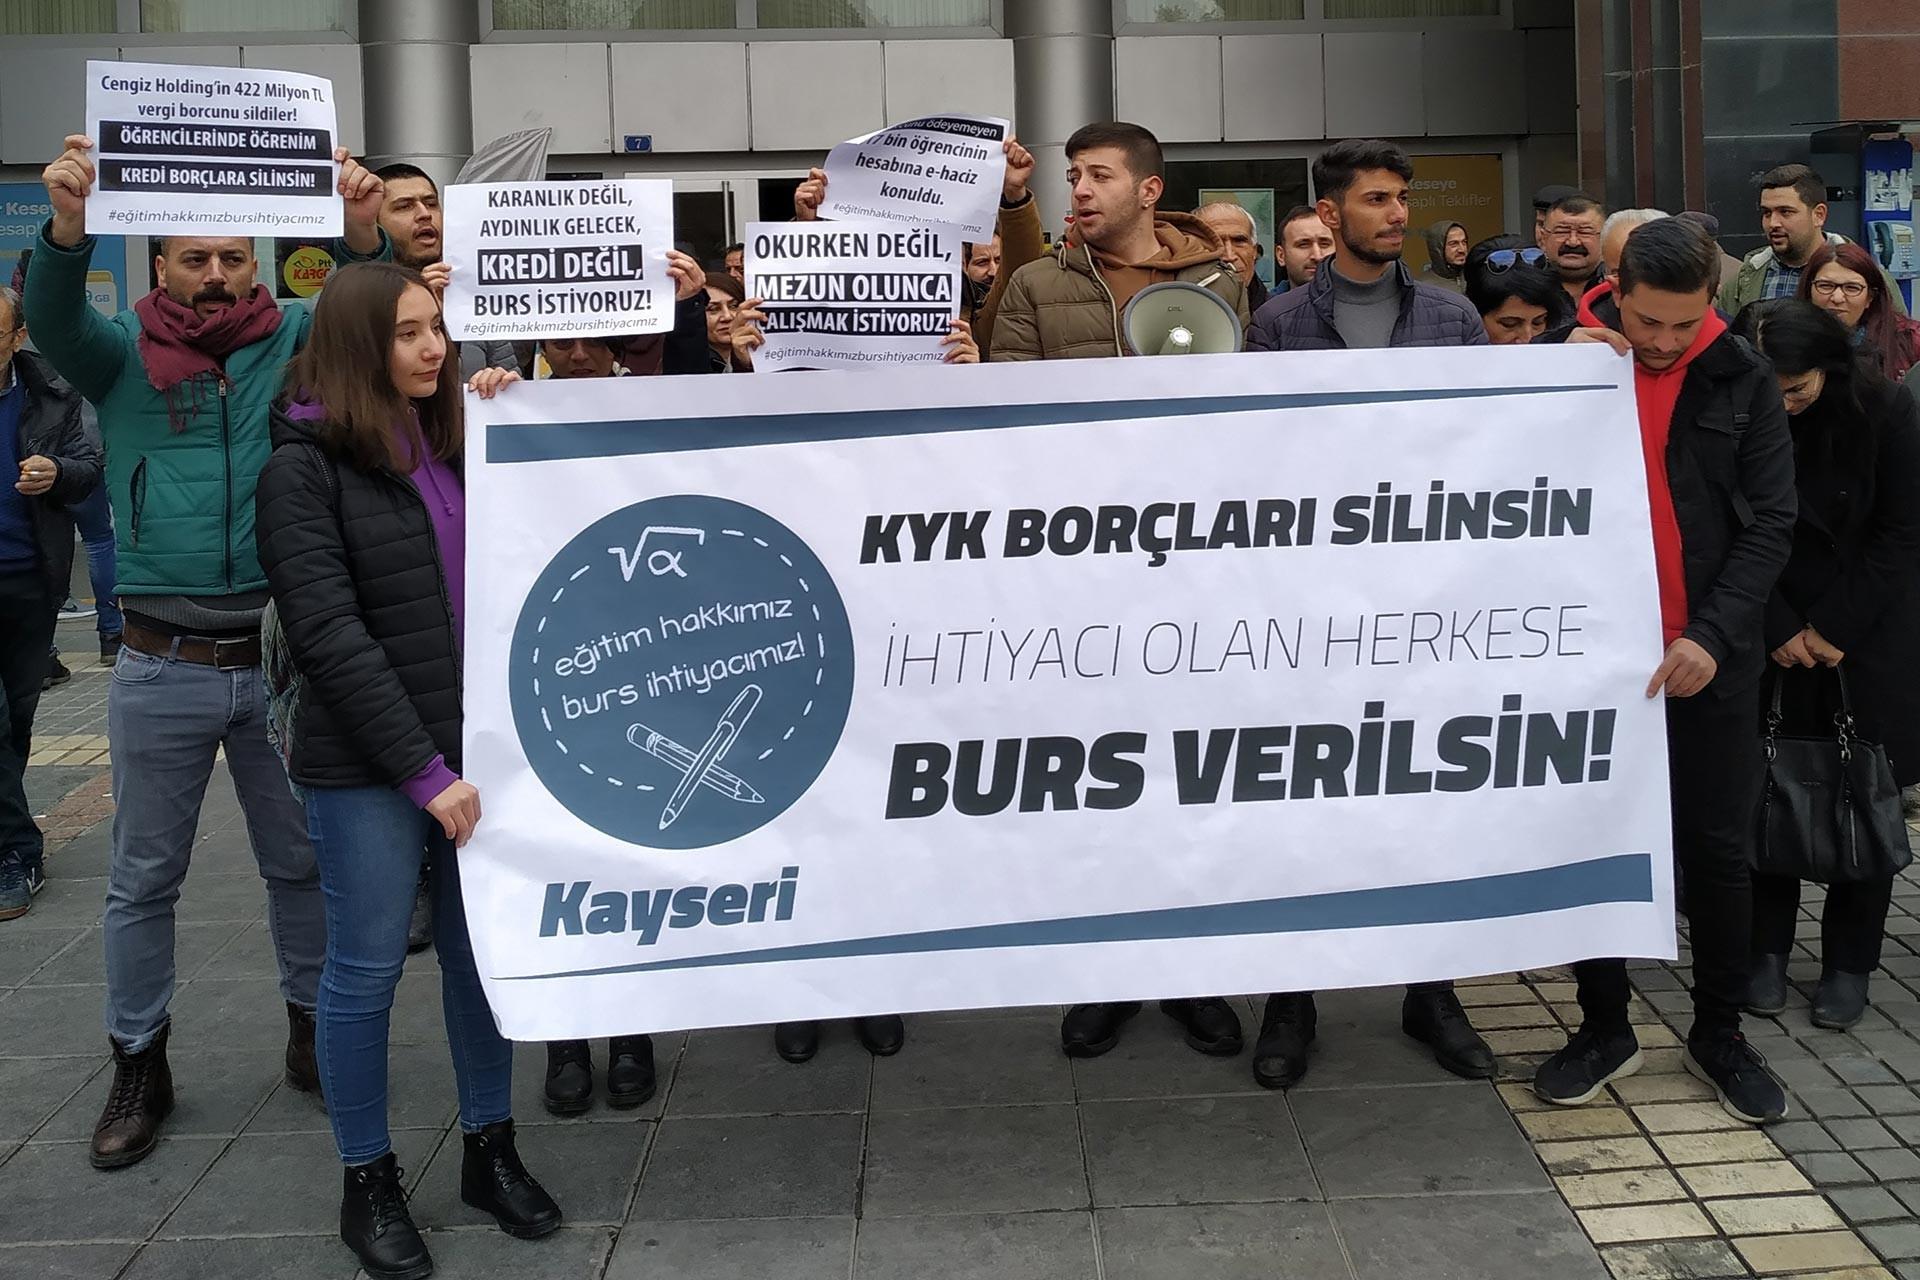 Kayseri'de üniversite öğrencileri 'KYK borçları silinsin, ihtiyacı olan herkese burs verilsin!' pankartının arkasında açıklama yaparken